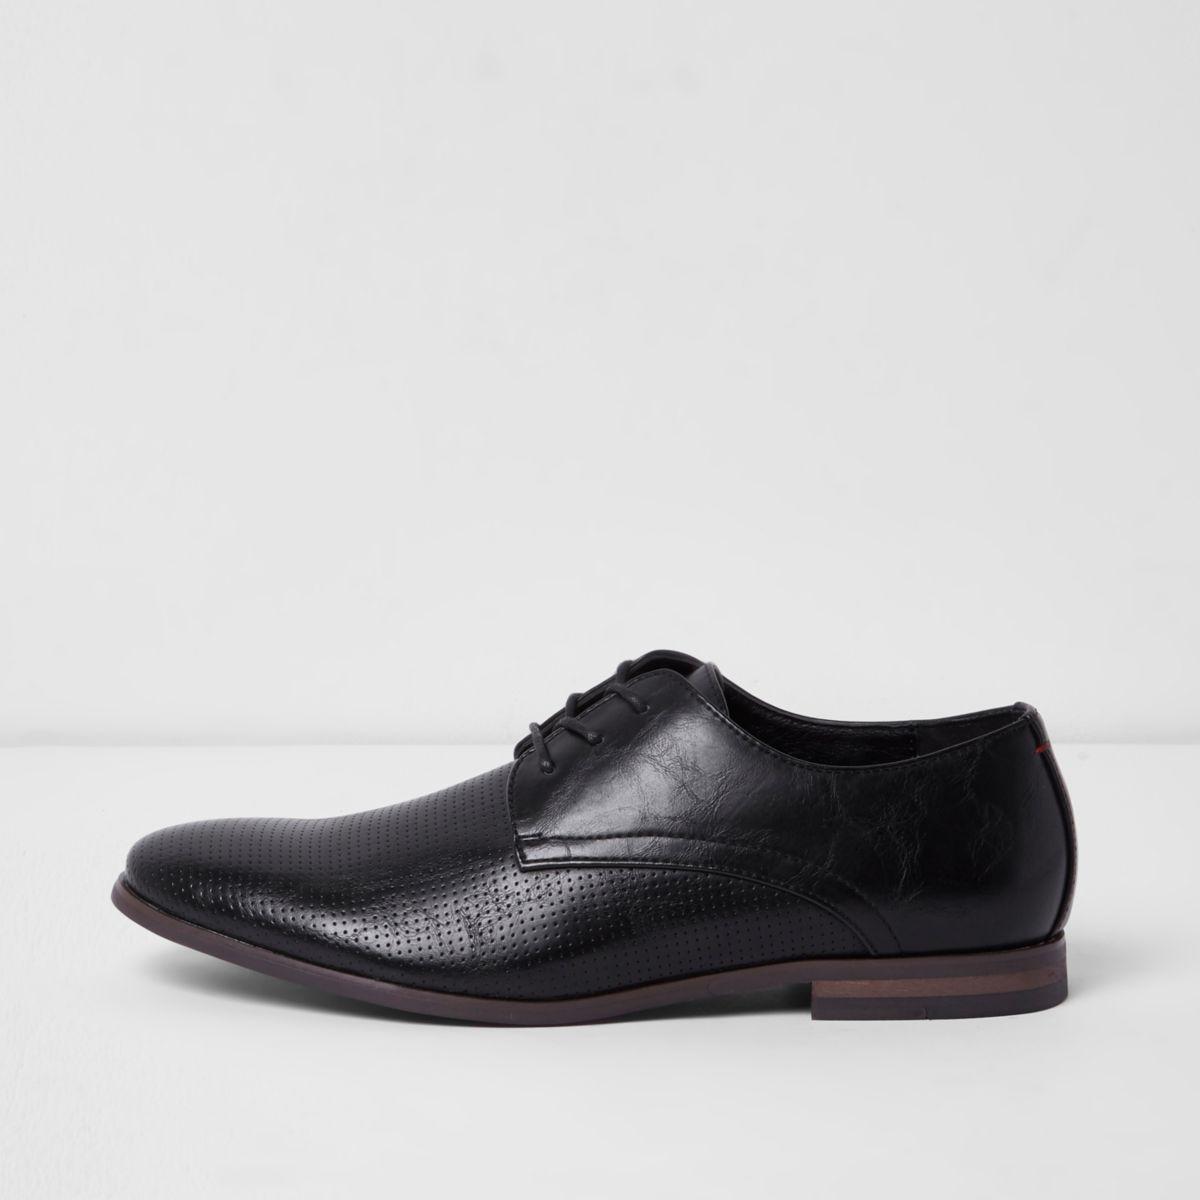 Zwarte nette veterschoenen met geperforeerd paneel